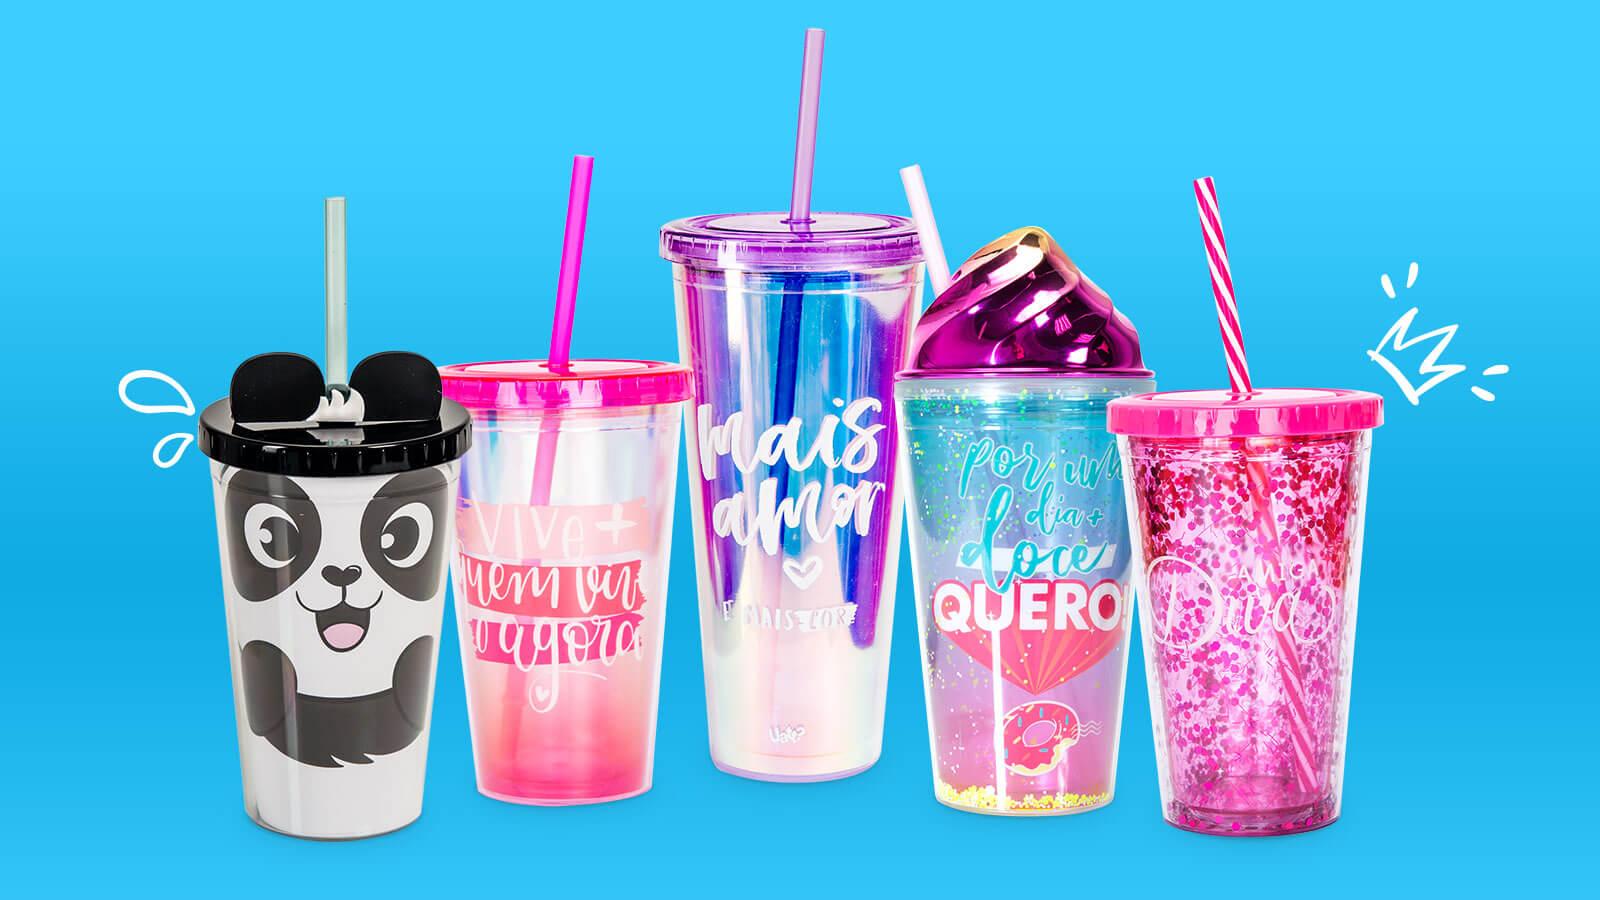 copos canudo para revender em lojas de moda e acessórios